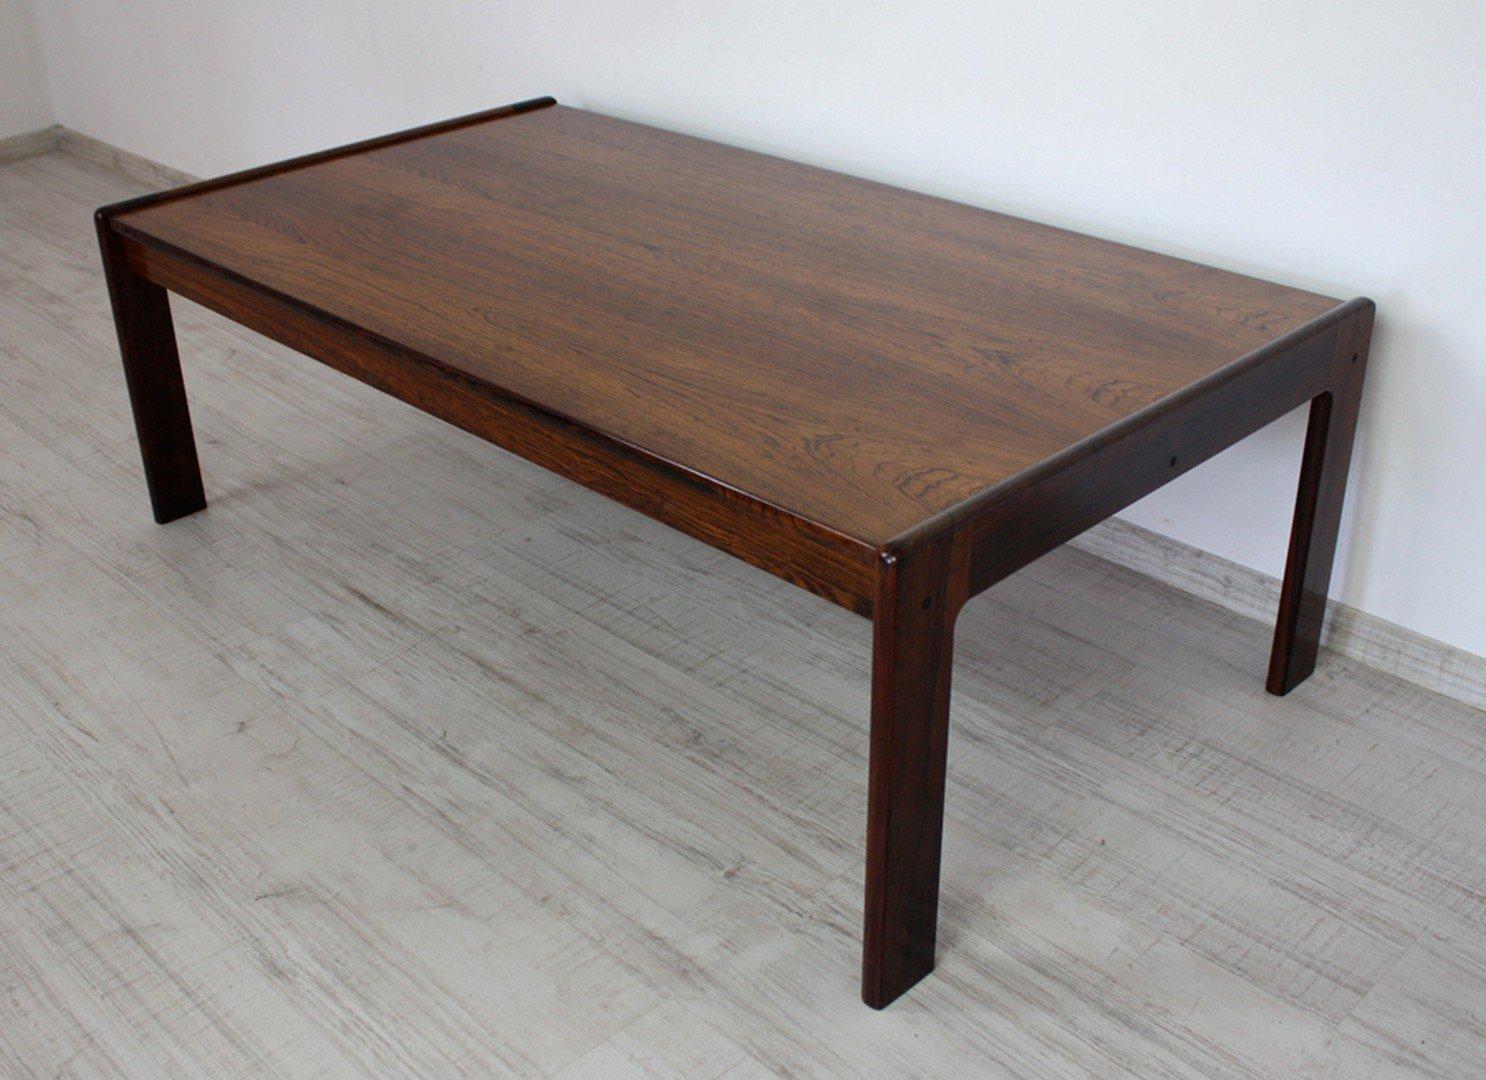 table basse en palissandre par kai kristiansen danemark 1960s en vente sur pamono. Black Bedroom Furniture Sets. Home Design Ideas